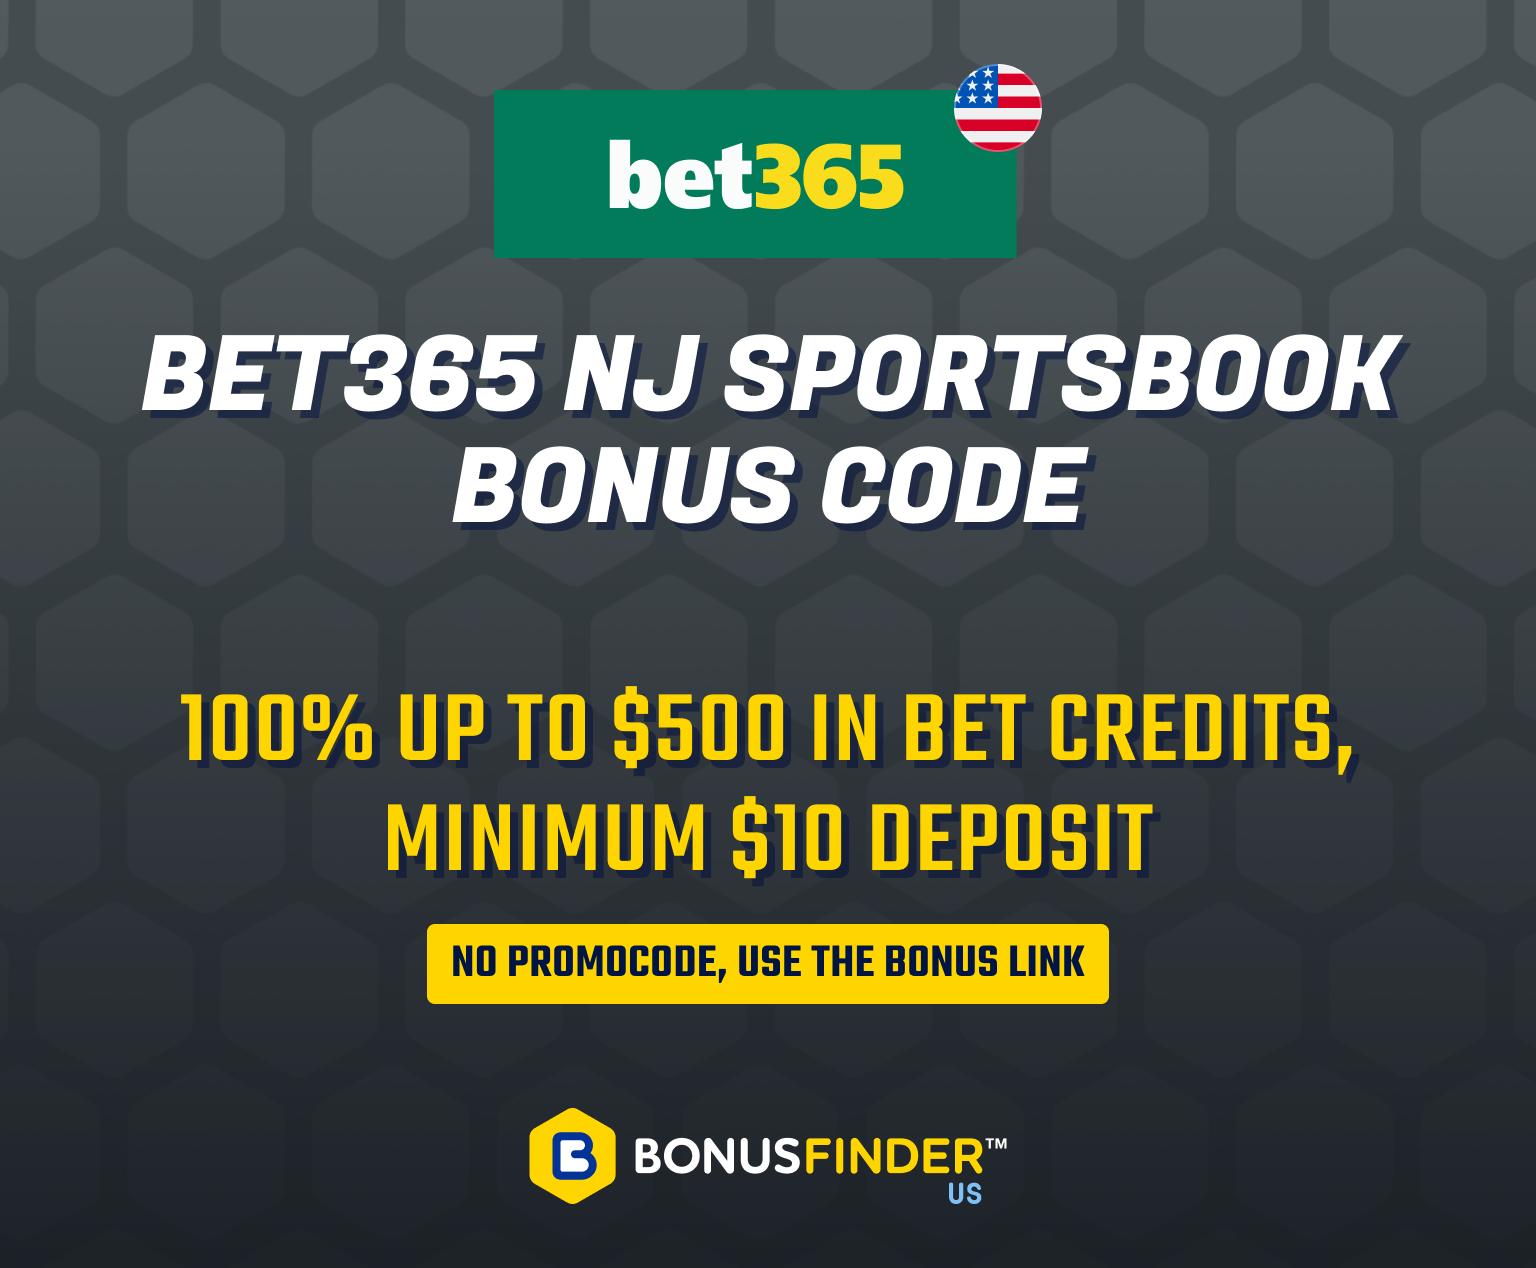 bet365 nj bonus code